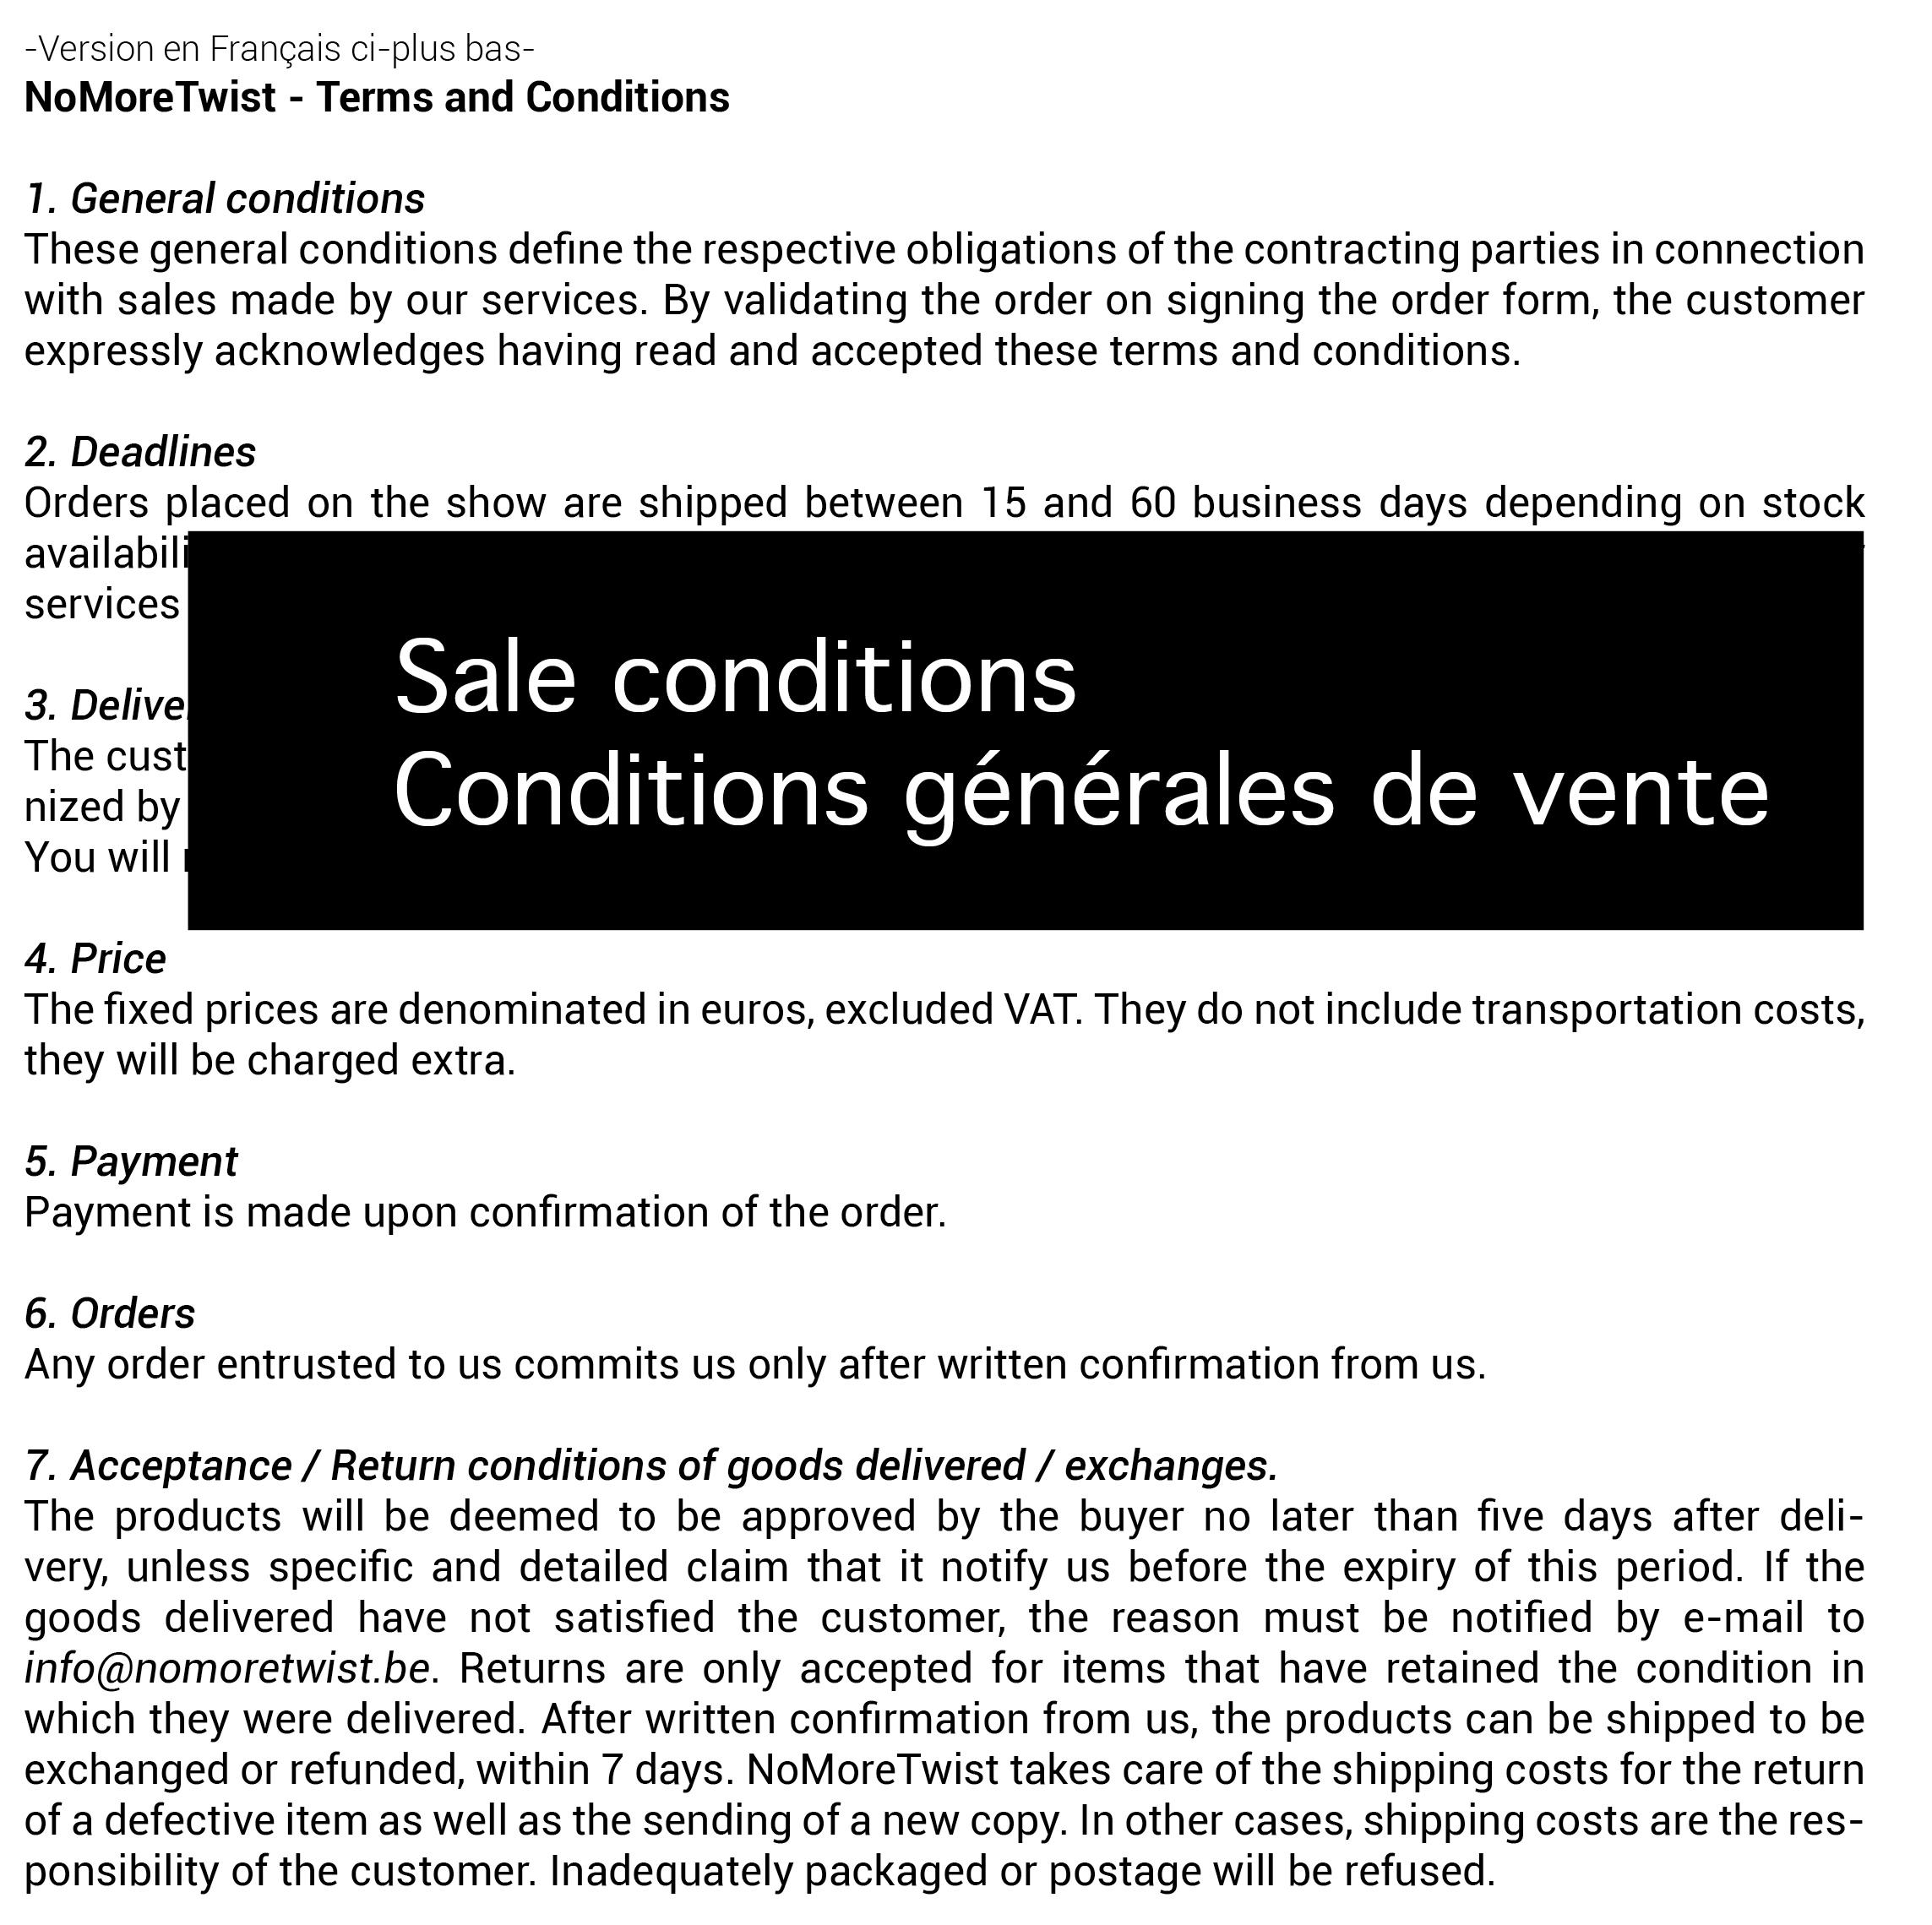 ouvrir les conditions de vente / open the sale conditions